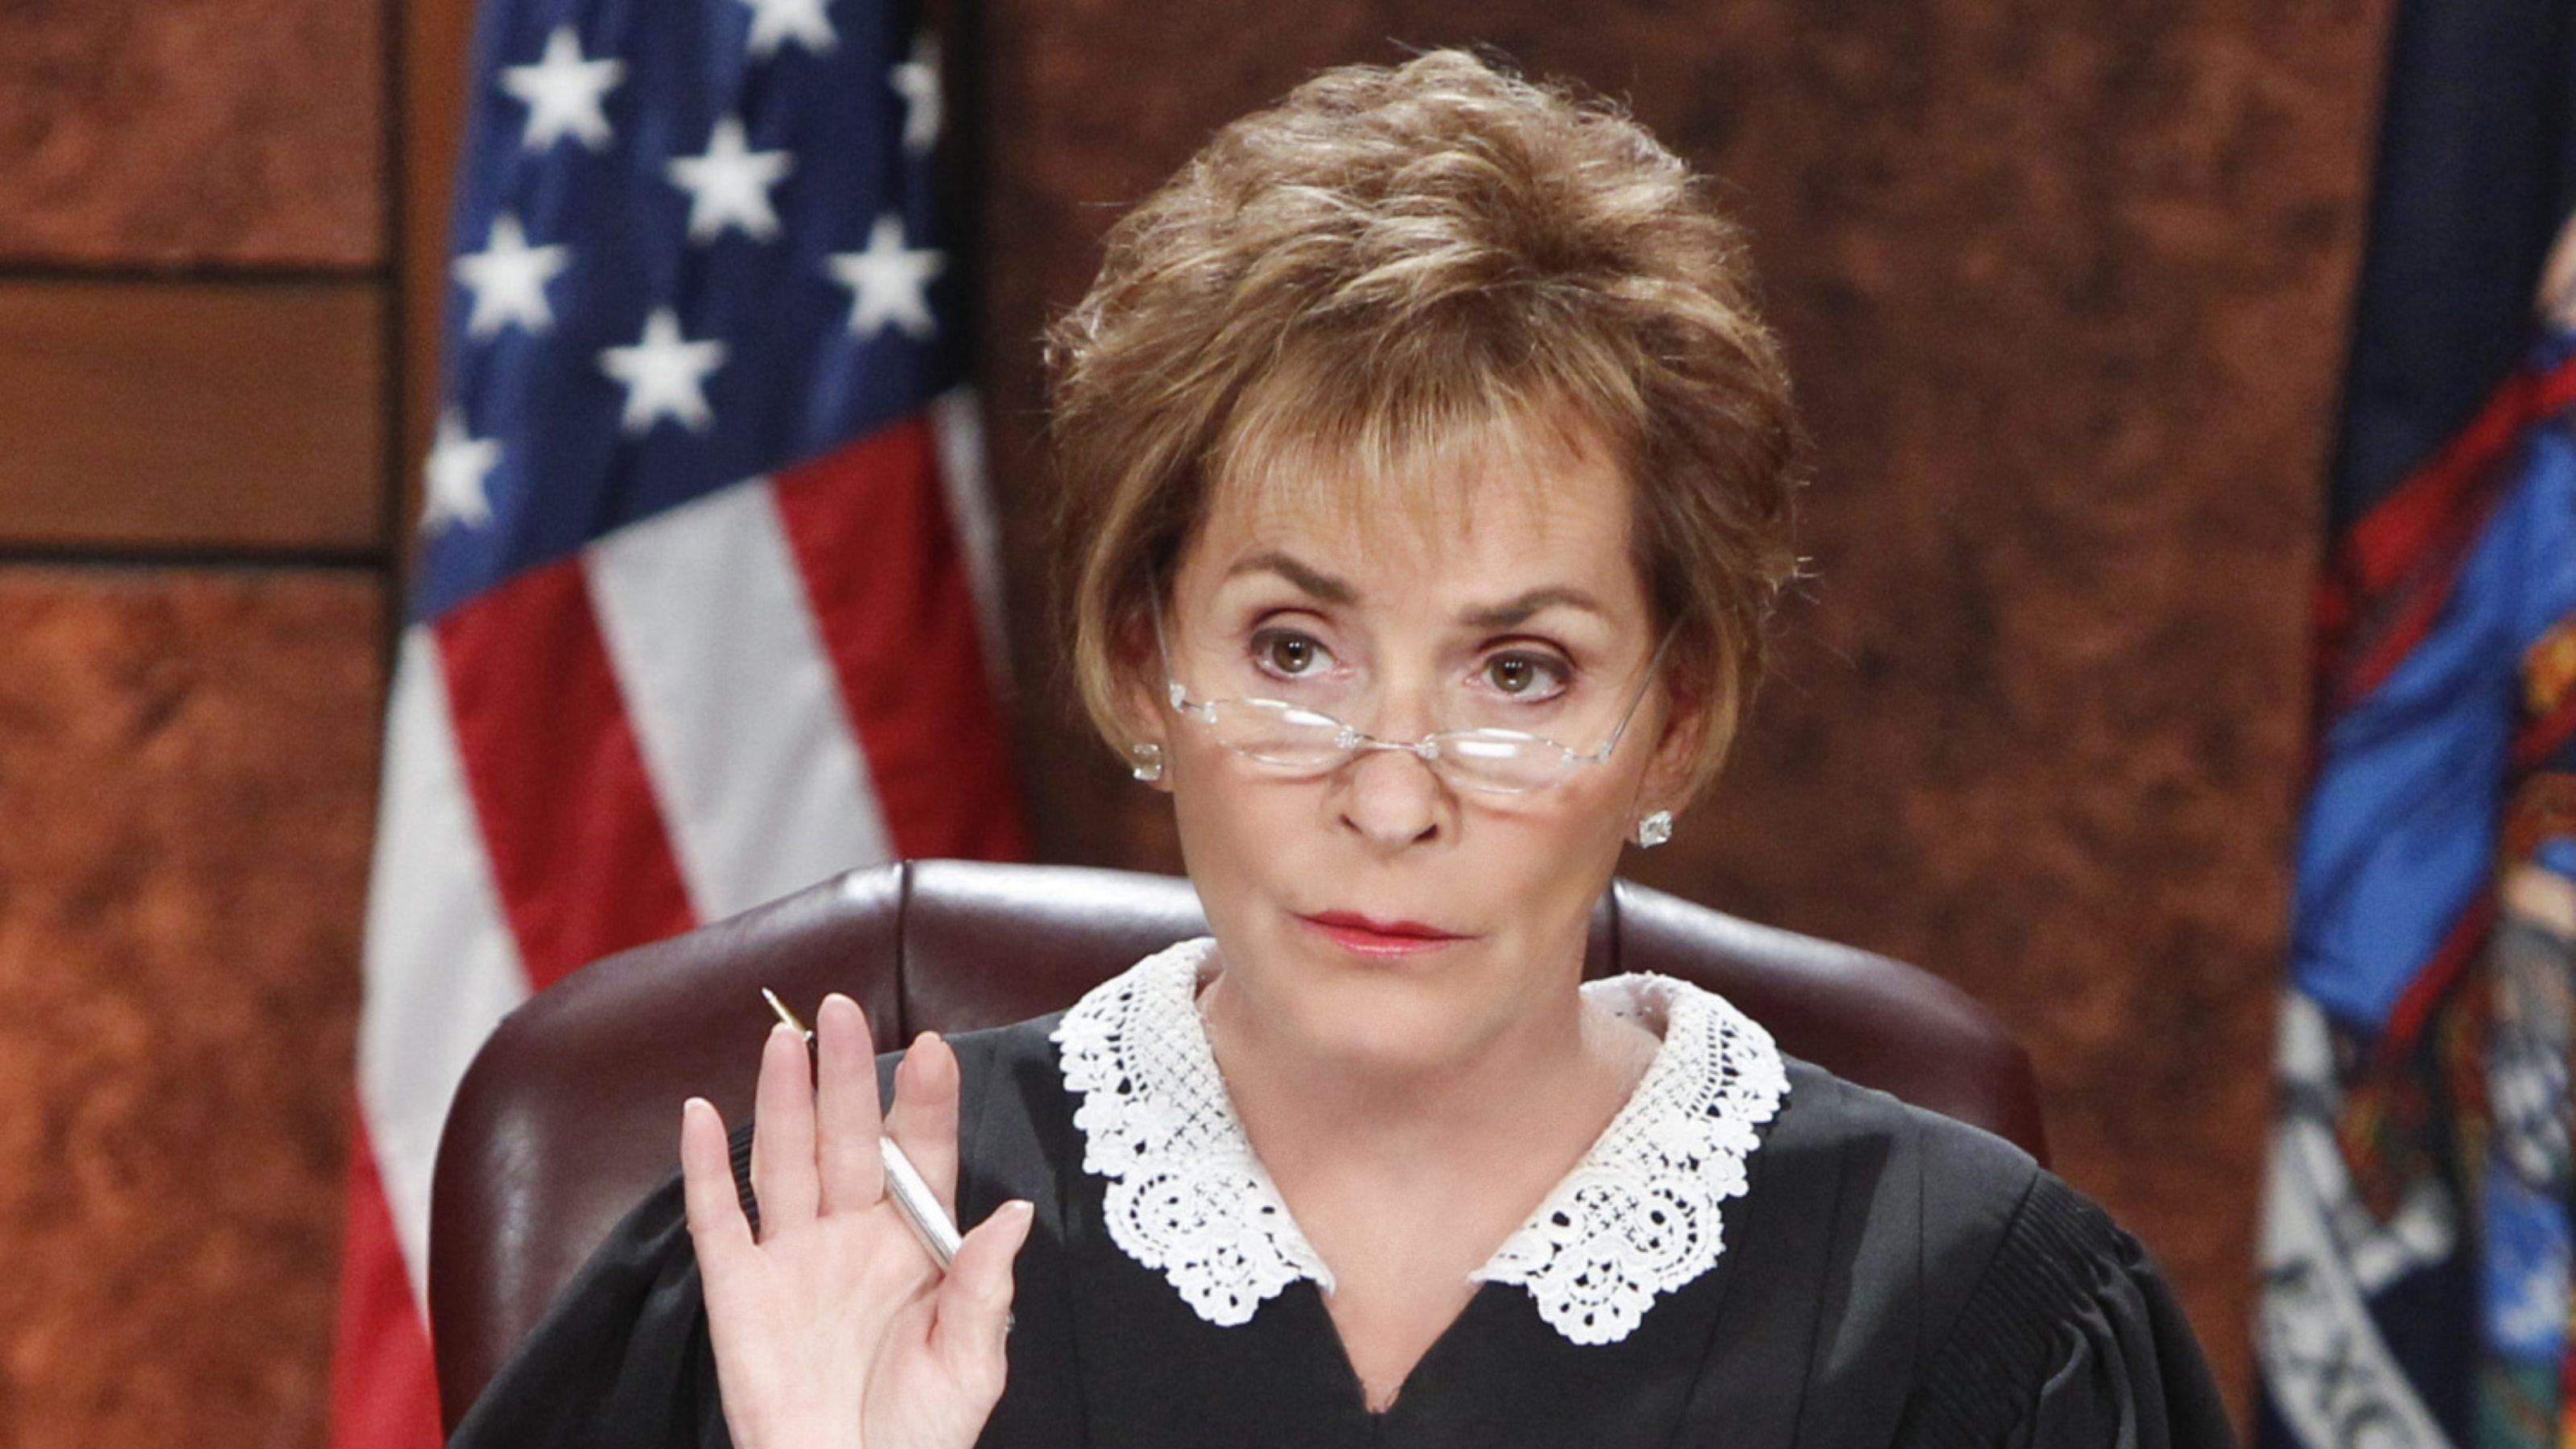 Как спорить с судьей Джуди. Судья Джуди — героиня популярного в США судебного шоу. Студенты калифорн